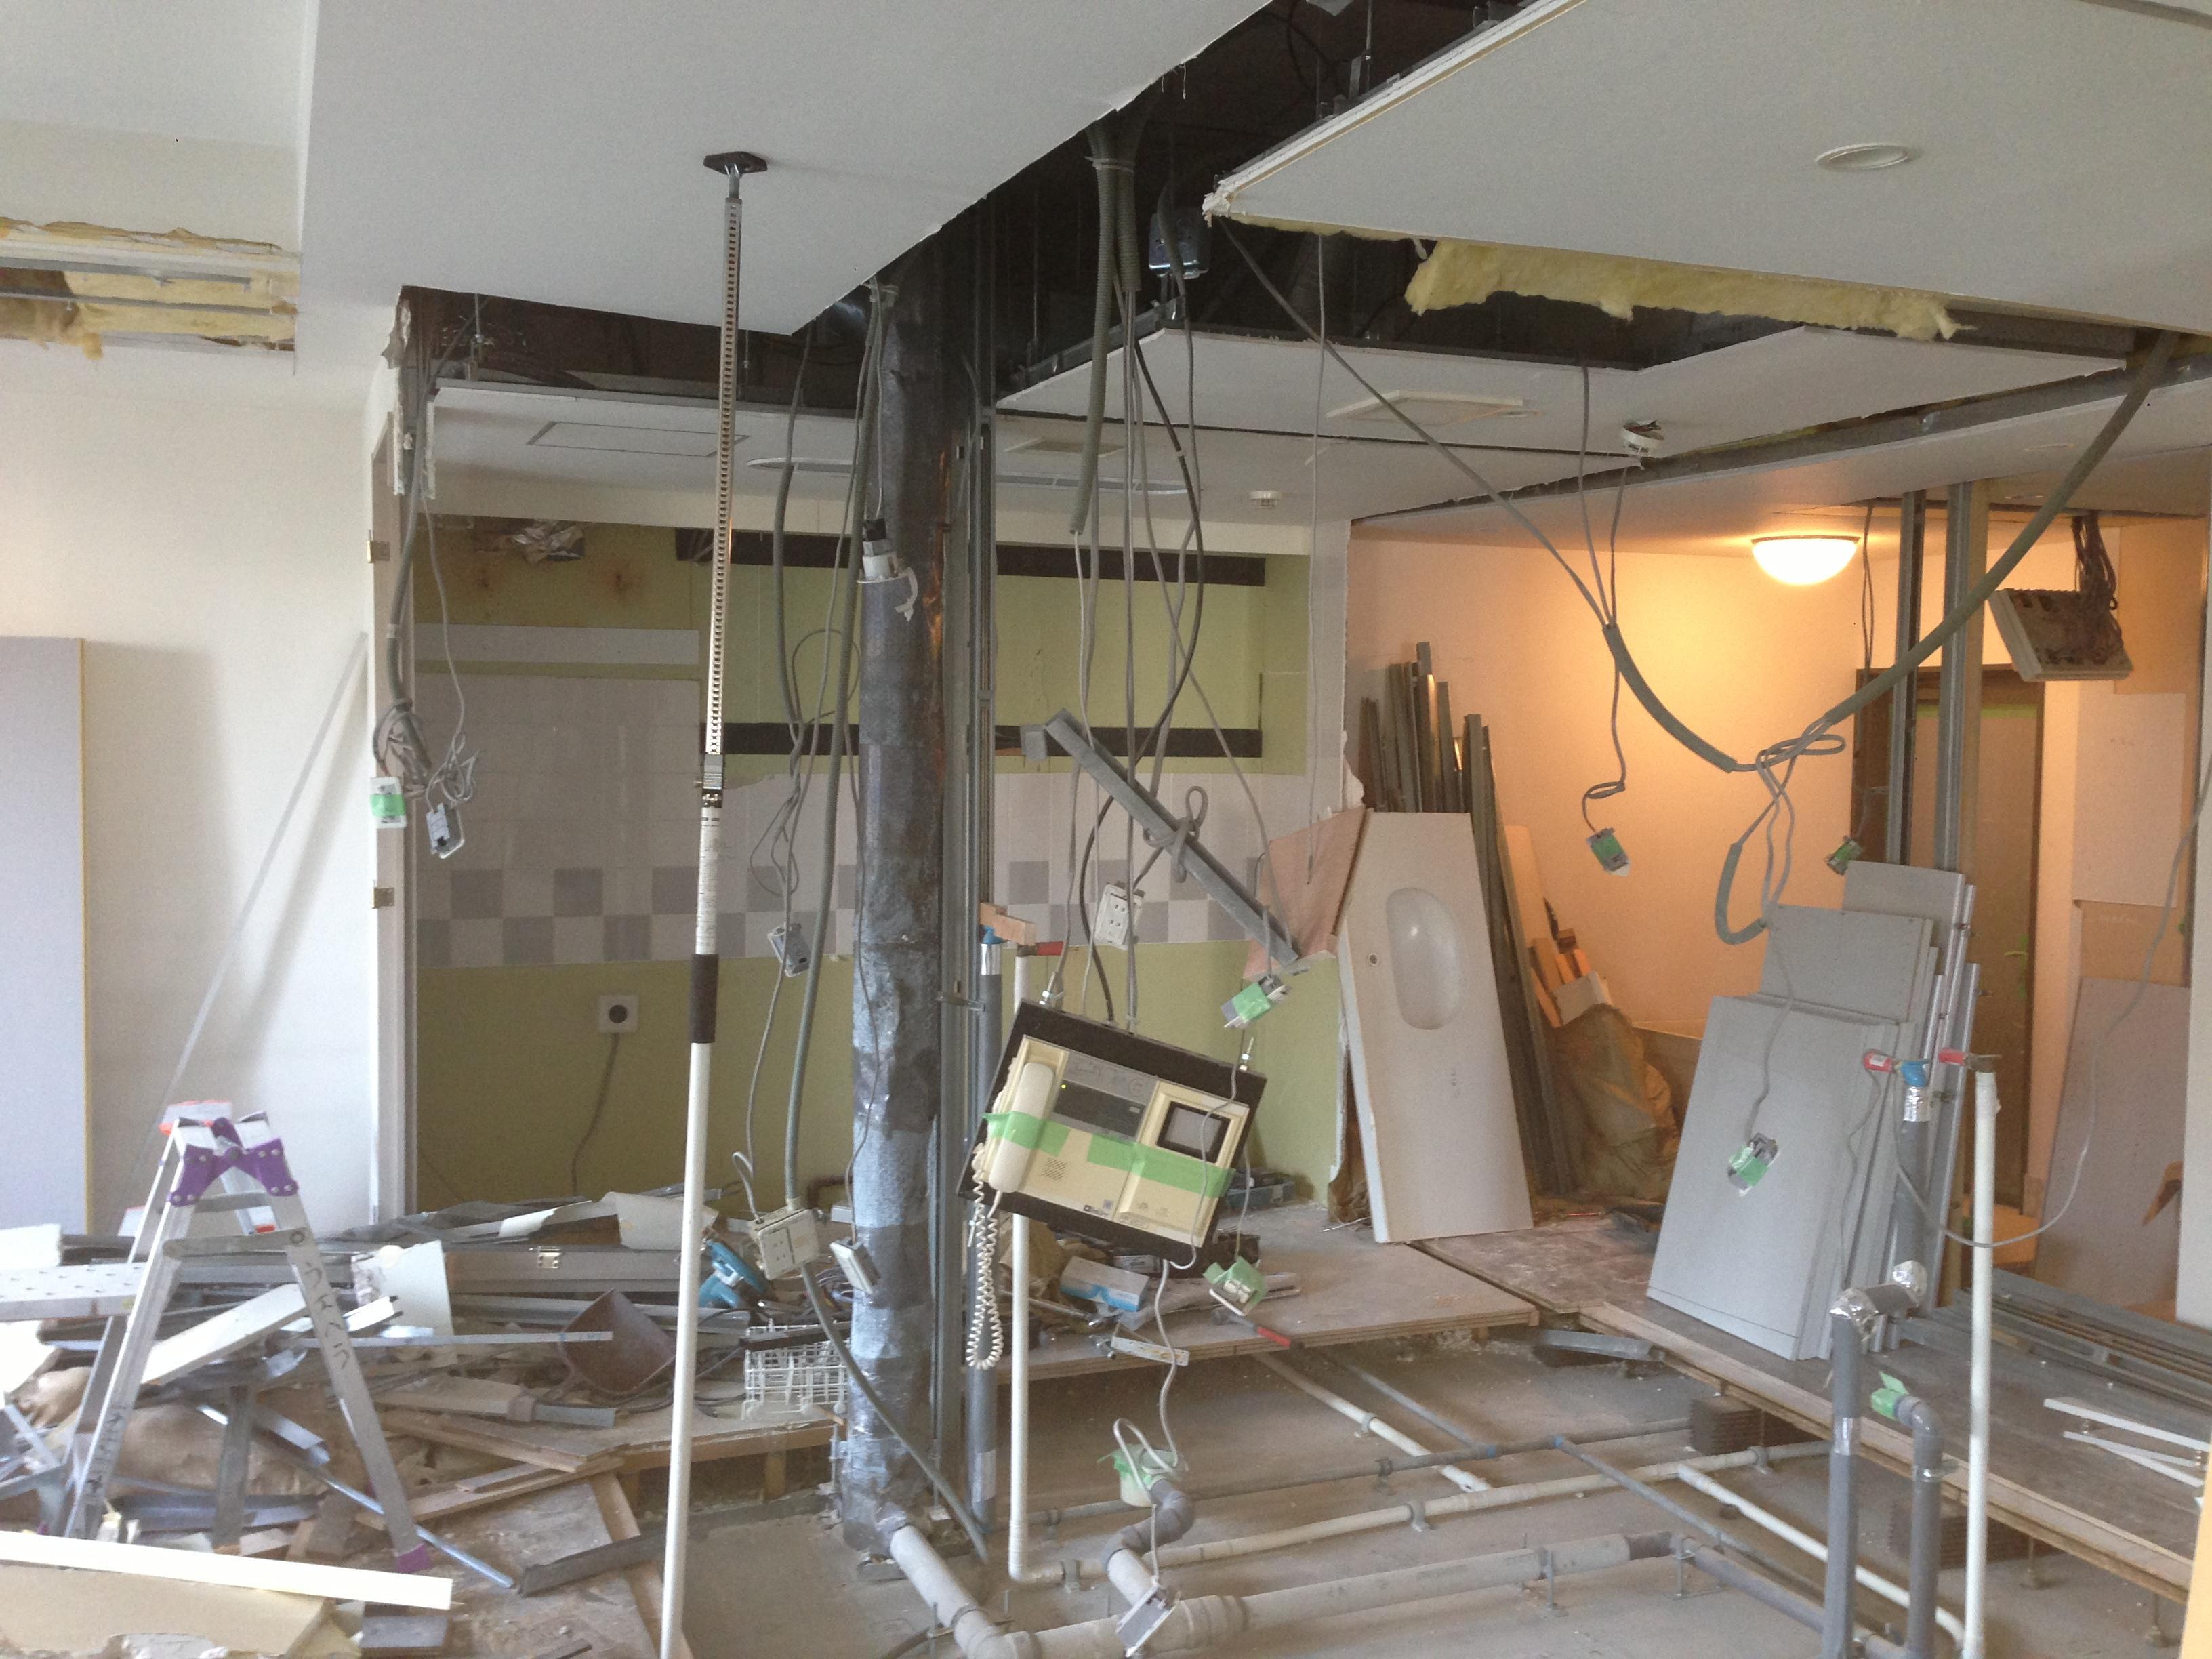 奥さまの家事動線と収納量にこだわった間接照明のあるリノベーションのリノベーション前の写真